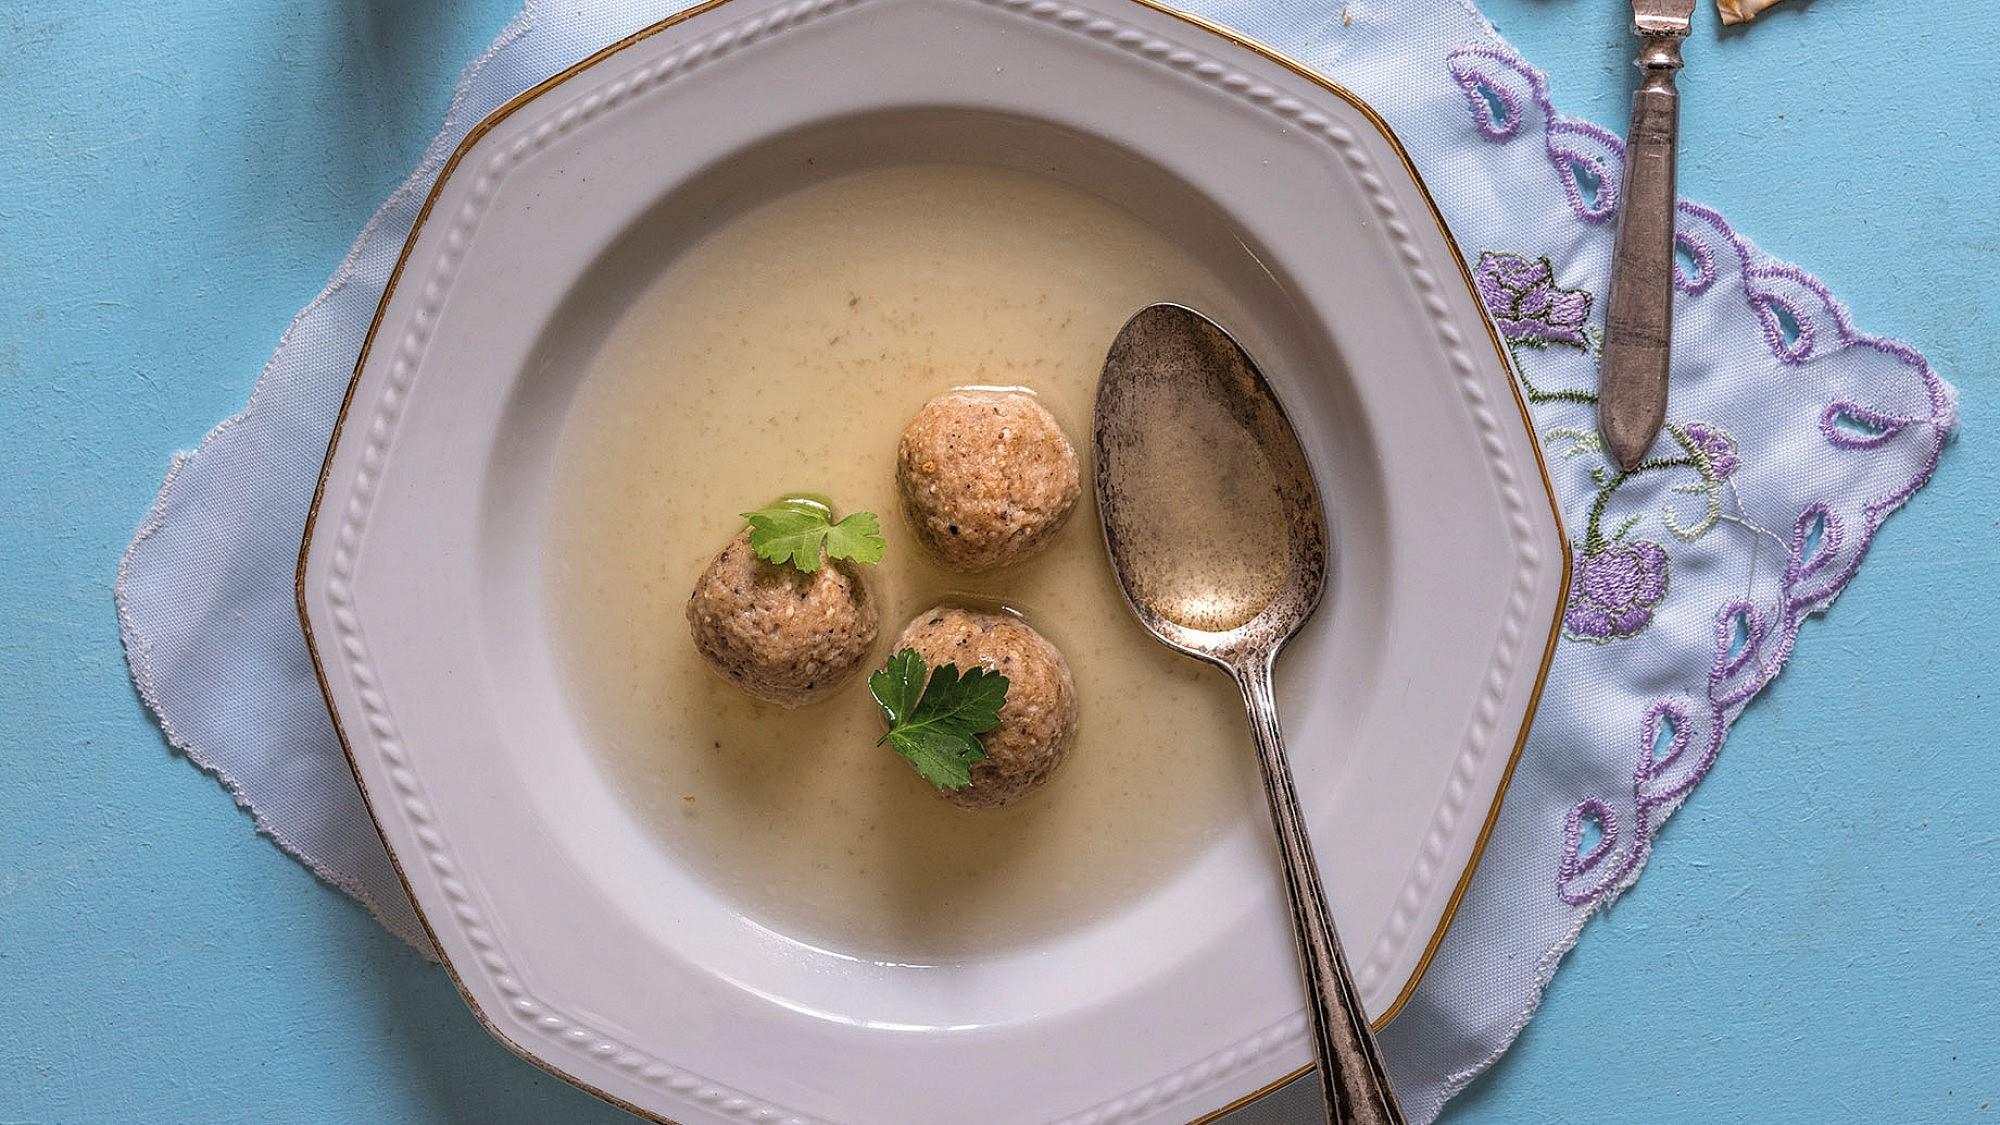 מרק דגים צח עם קניידלעך של שף איתן ואנונו. צילום: אנטולי מיכאלו